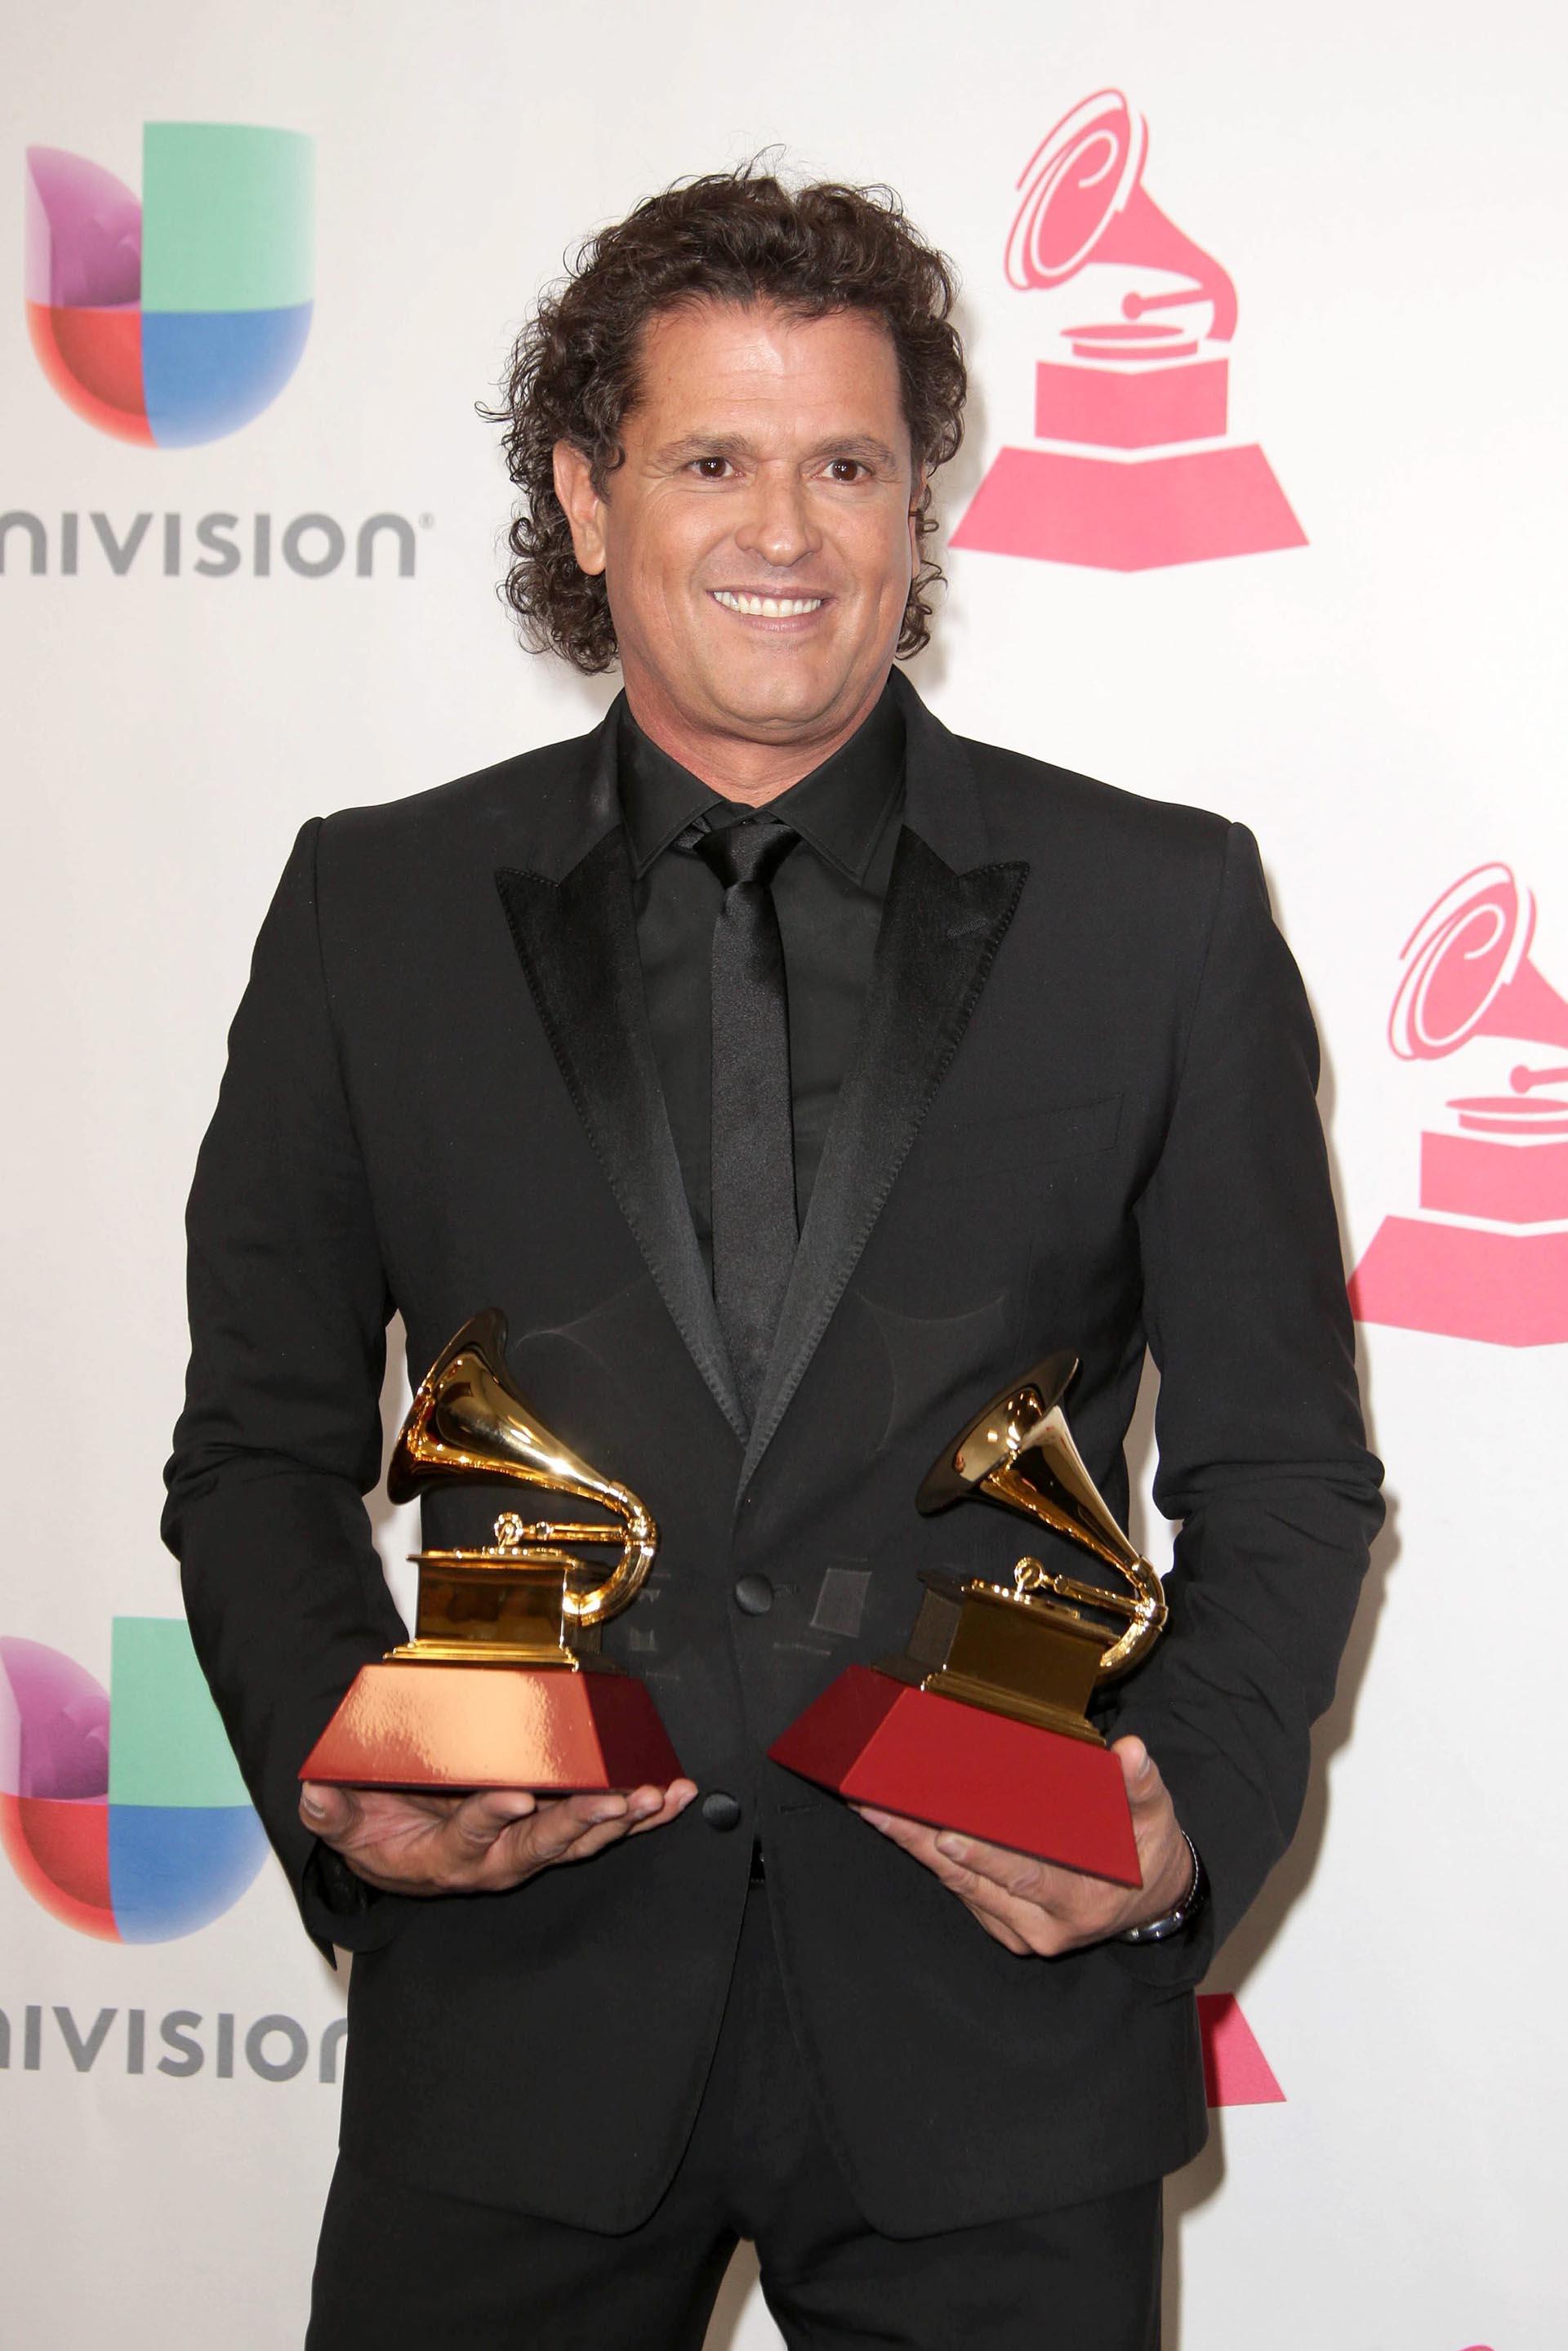 El cantante Carlos Vives posa con sus premios a Canción del Año y Grabación del Año de los Grammy Latino